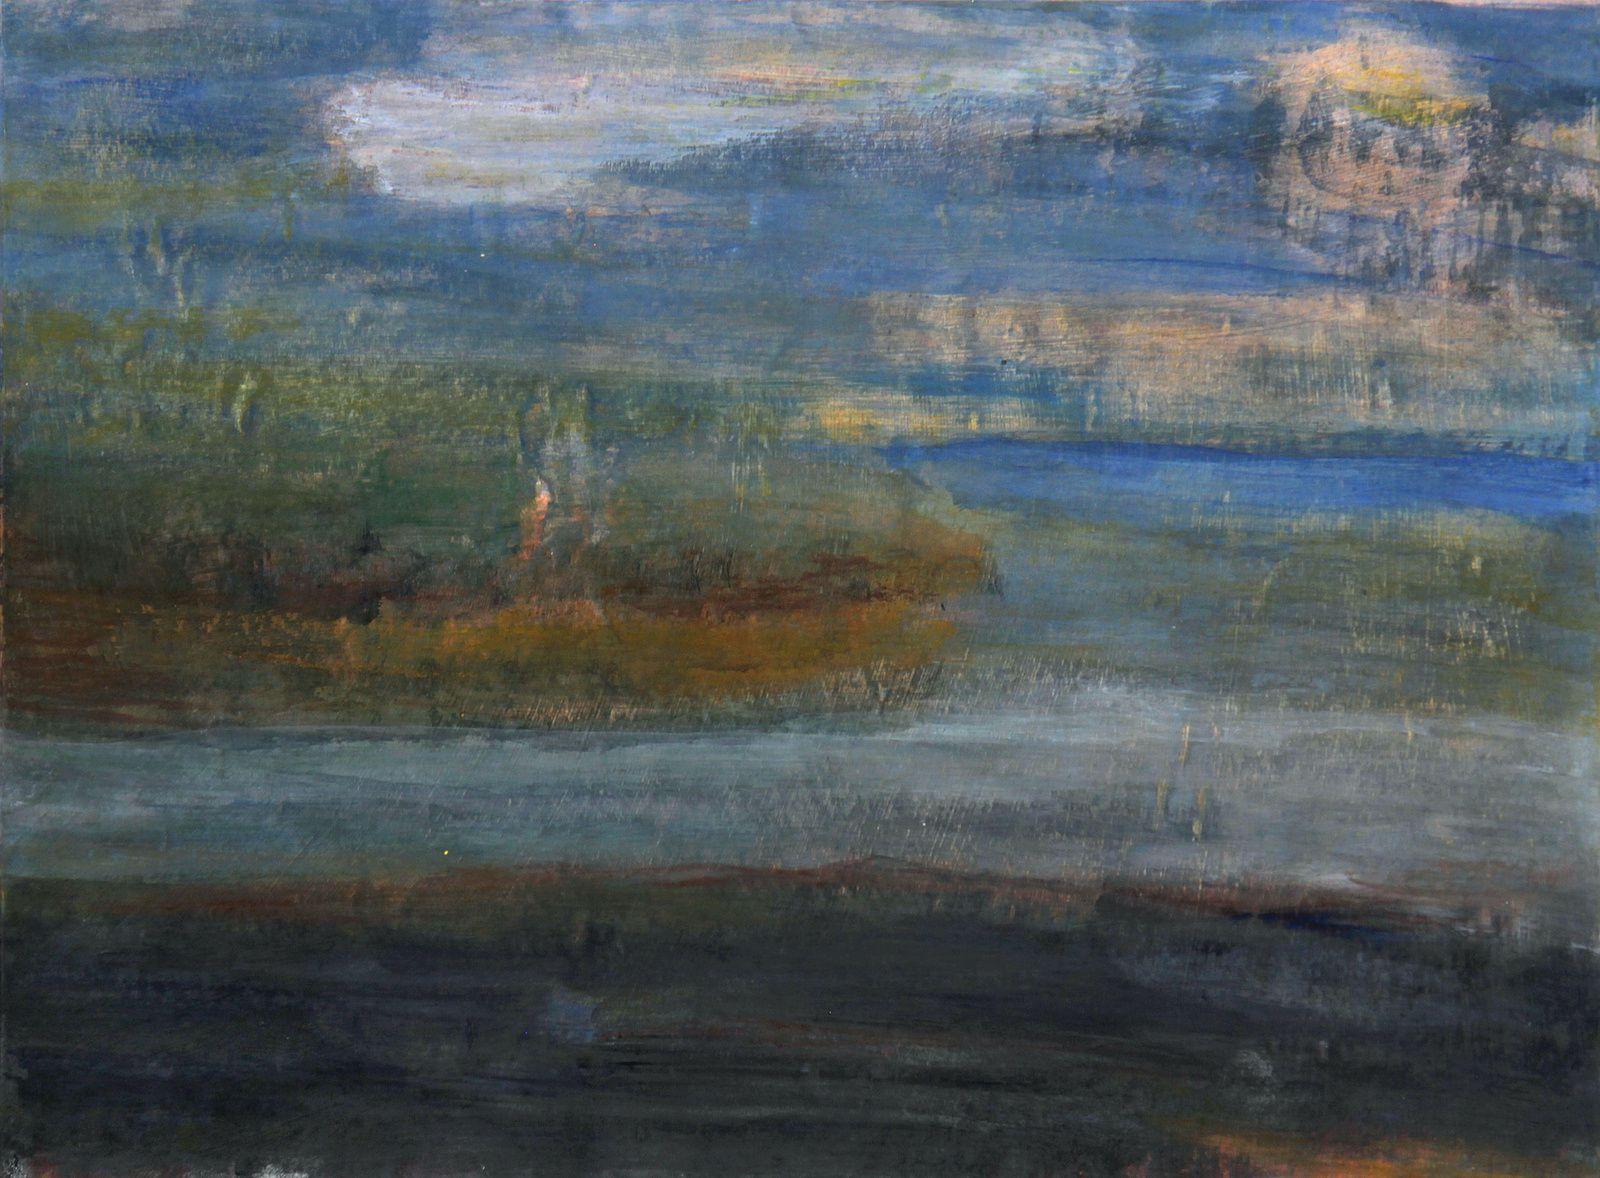 Les baltiques, exposition de Claudine Remy : Réminiscences de paysages